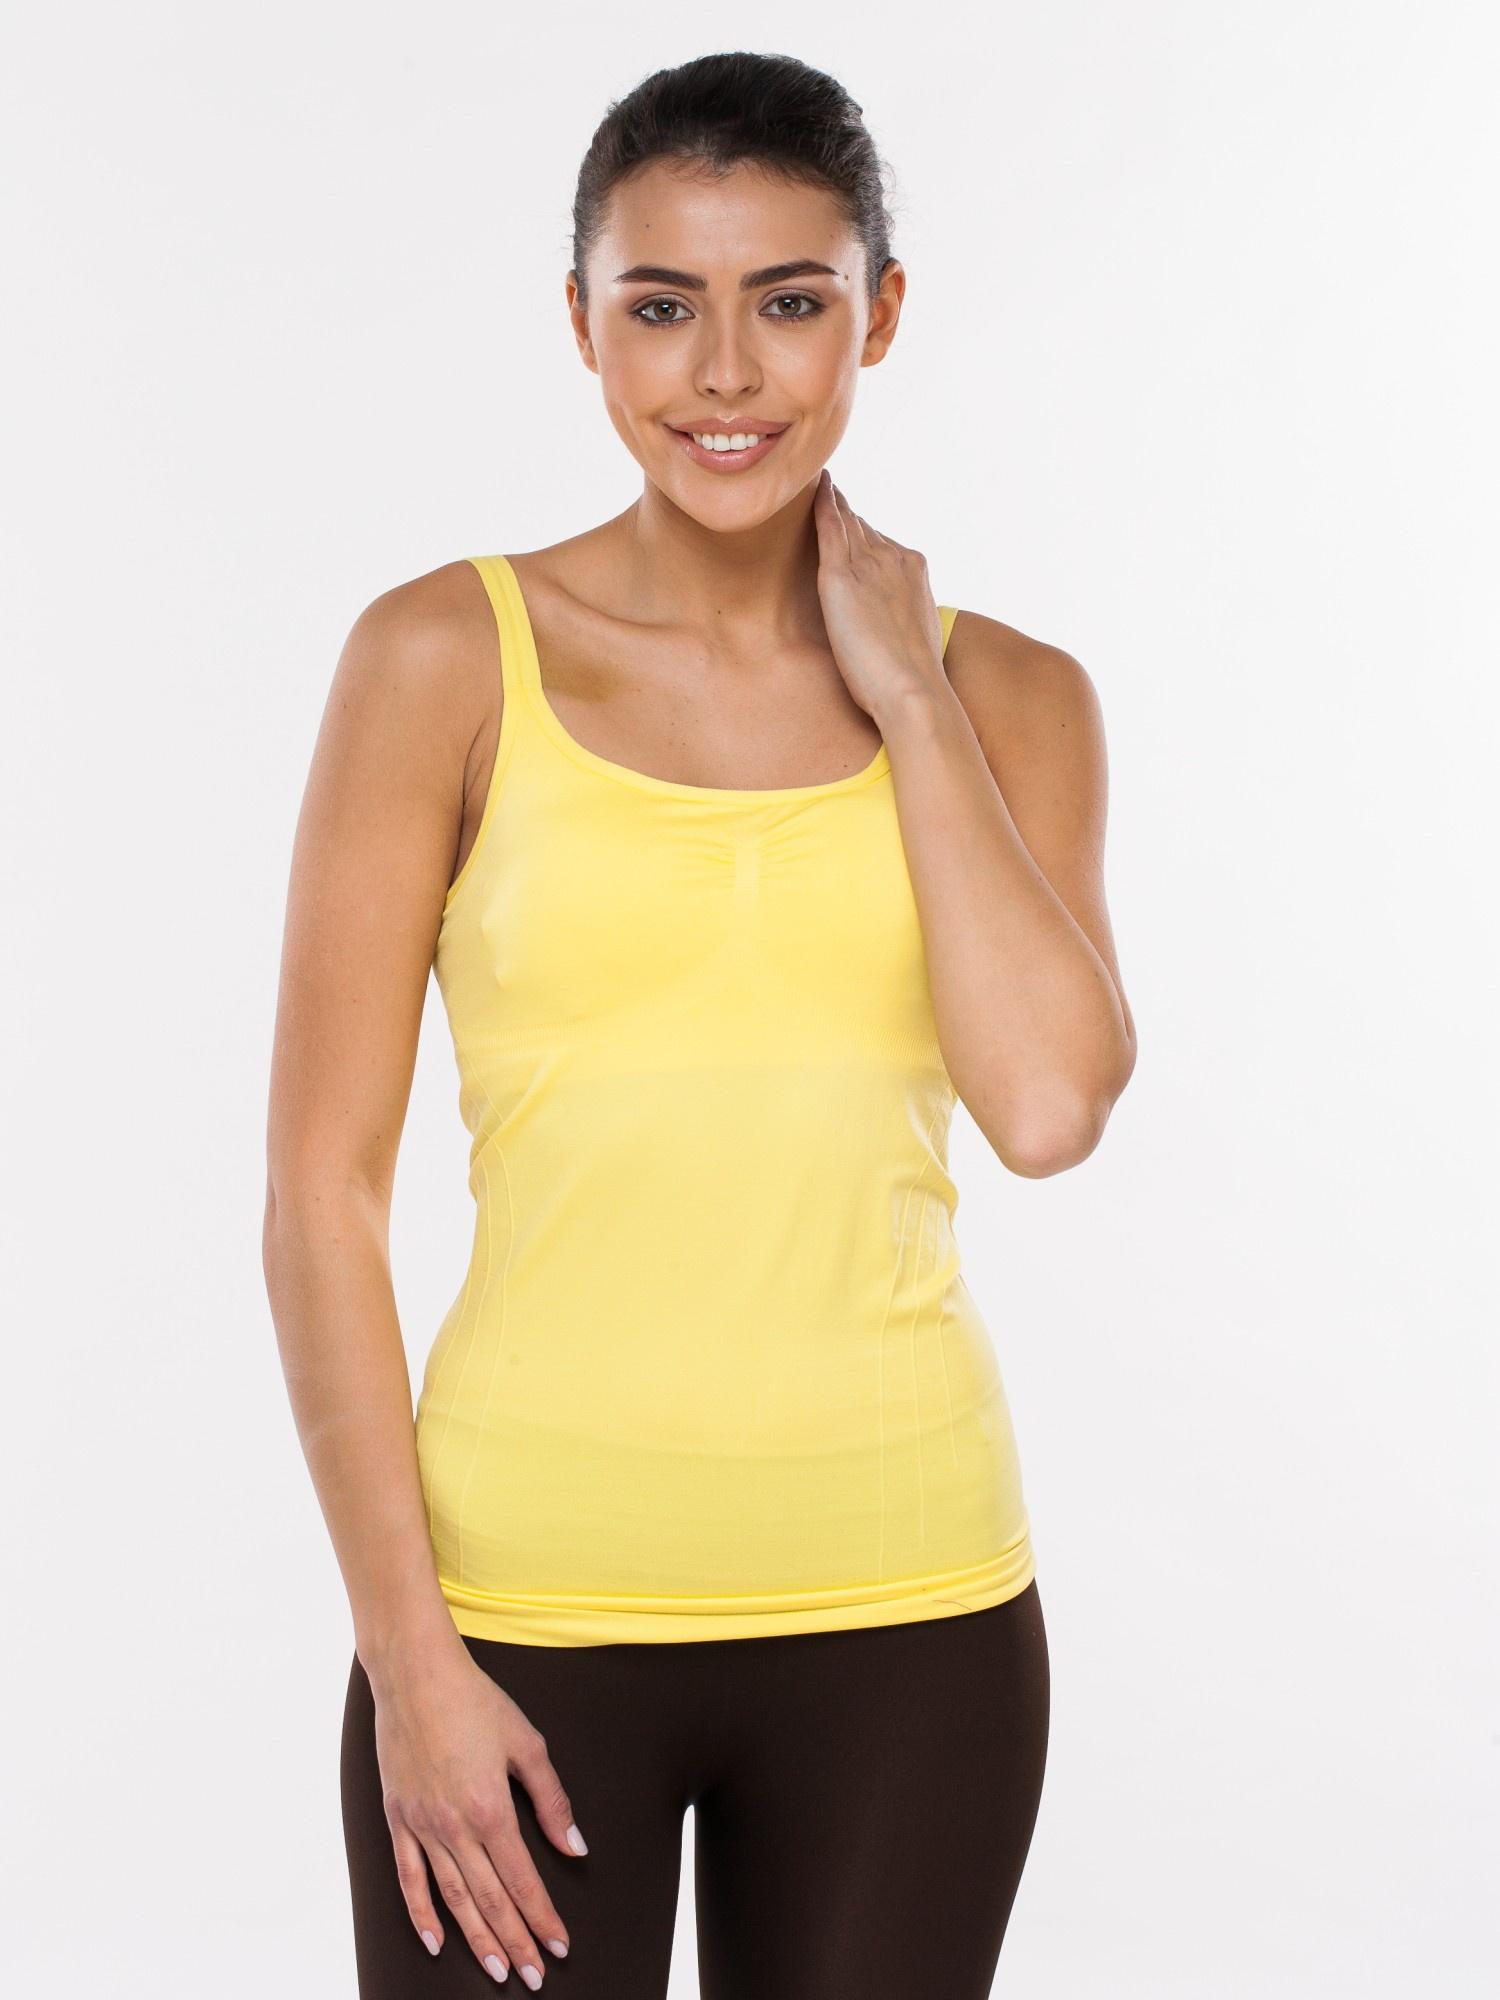 Майка Pro-fit16120 SUNSHINE (M)Спортивная майка для спорта, фитнеса, бега, йоги и т.д.